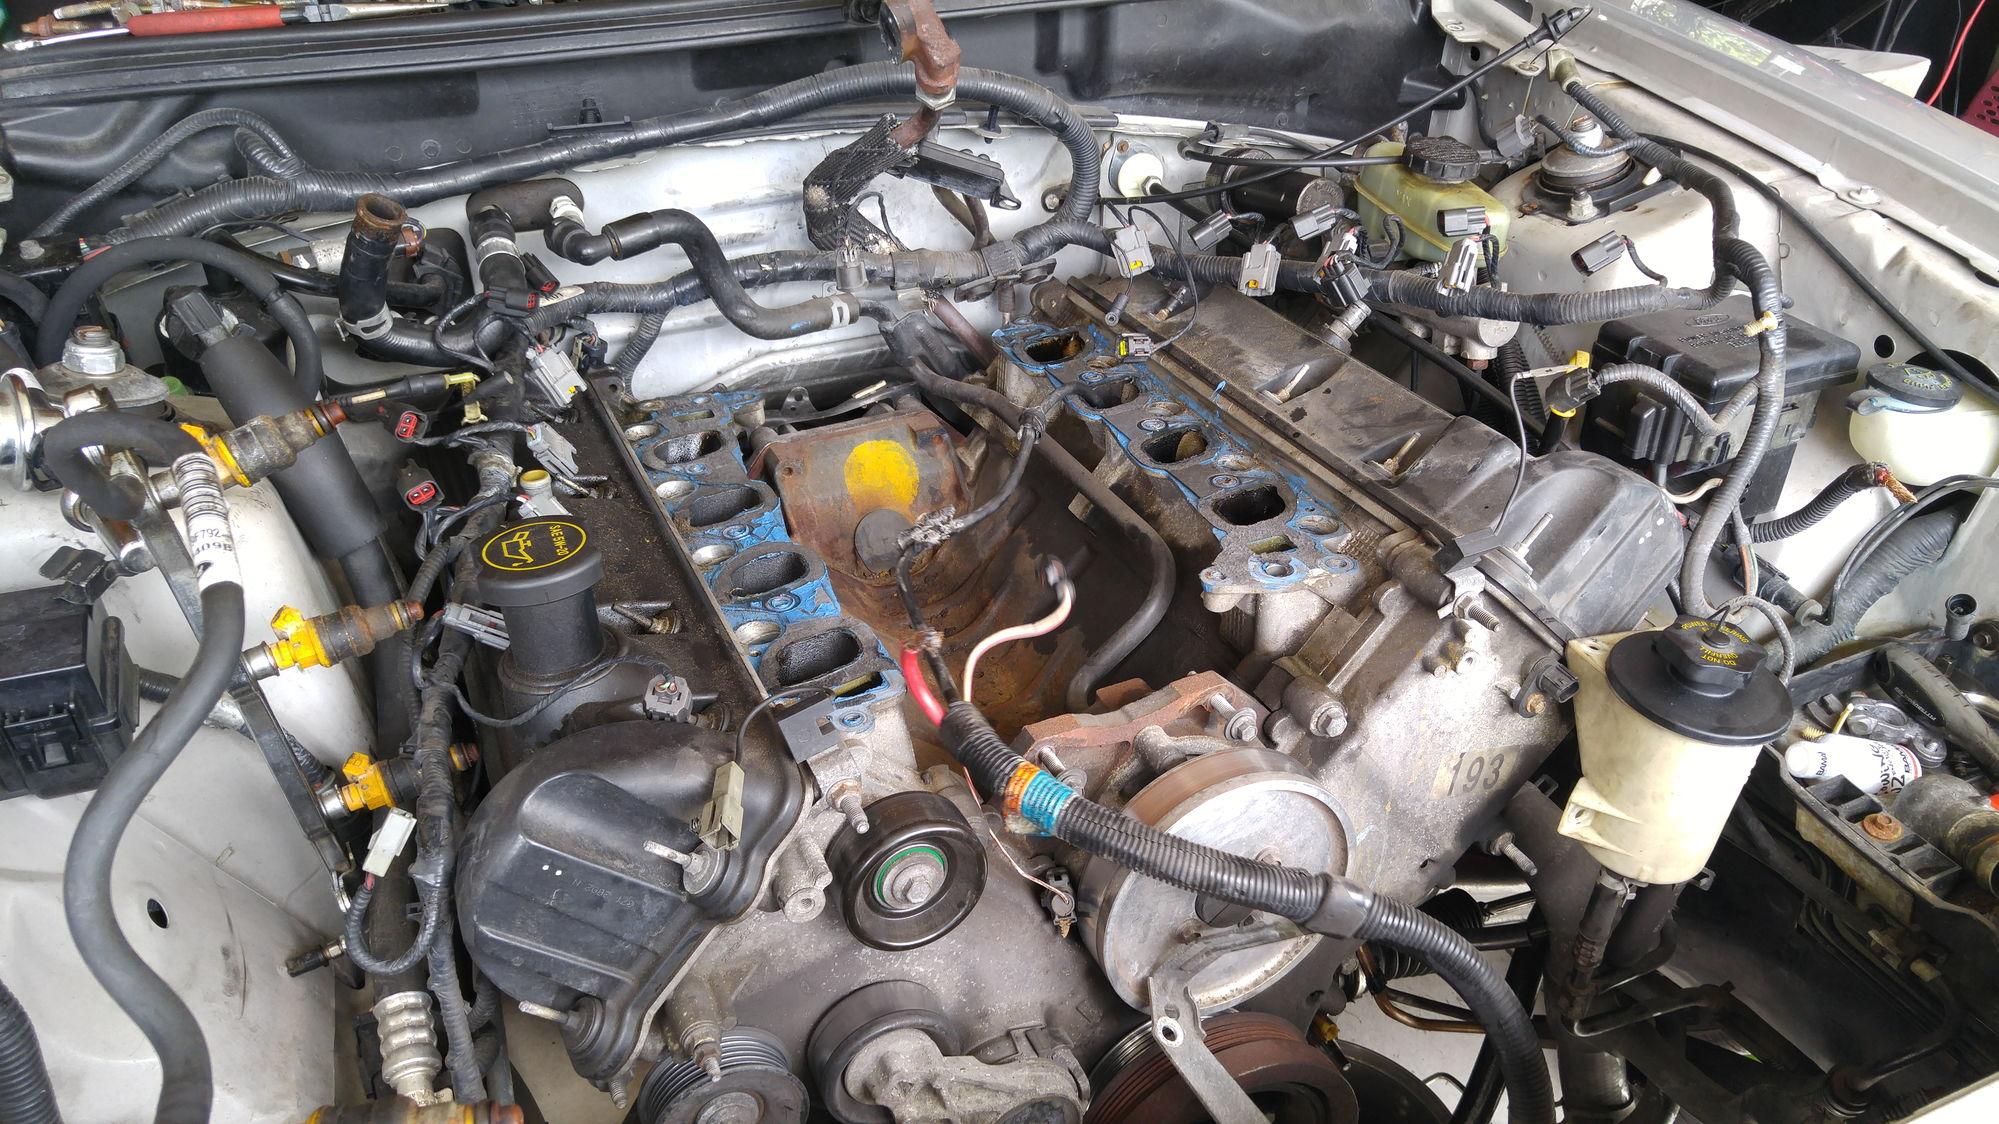 2002 mustang gt 4 6l engine and manual transmission. Black Bedroom Furniture Sets. Home Design Ideas